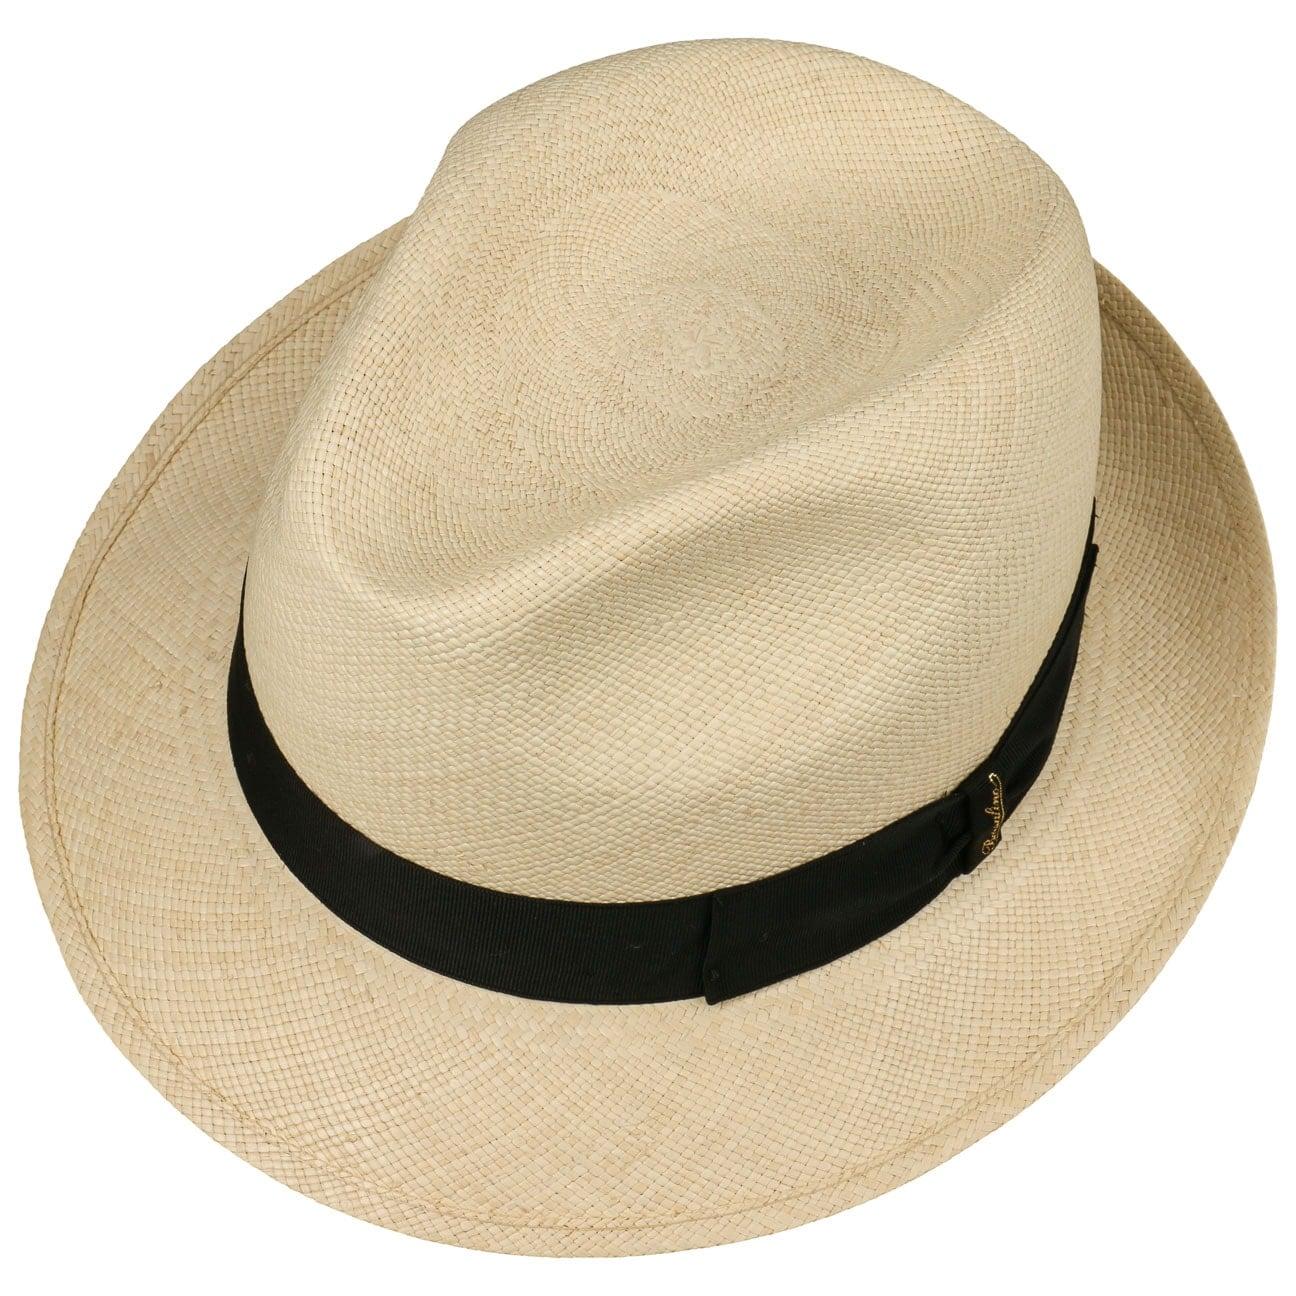 ... Chapeau Panama Player by Borsalino - nature 2 ... d3b1b82eb234